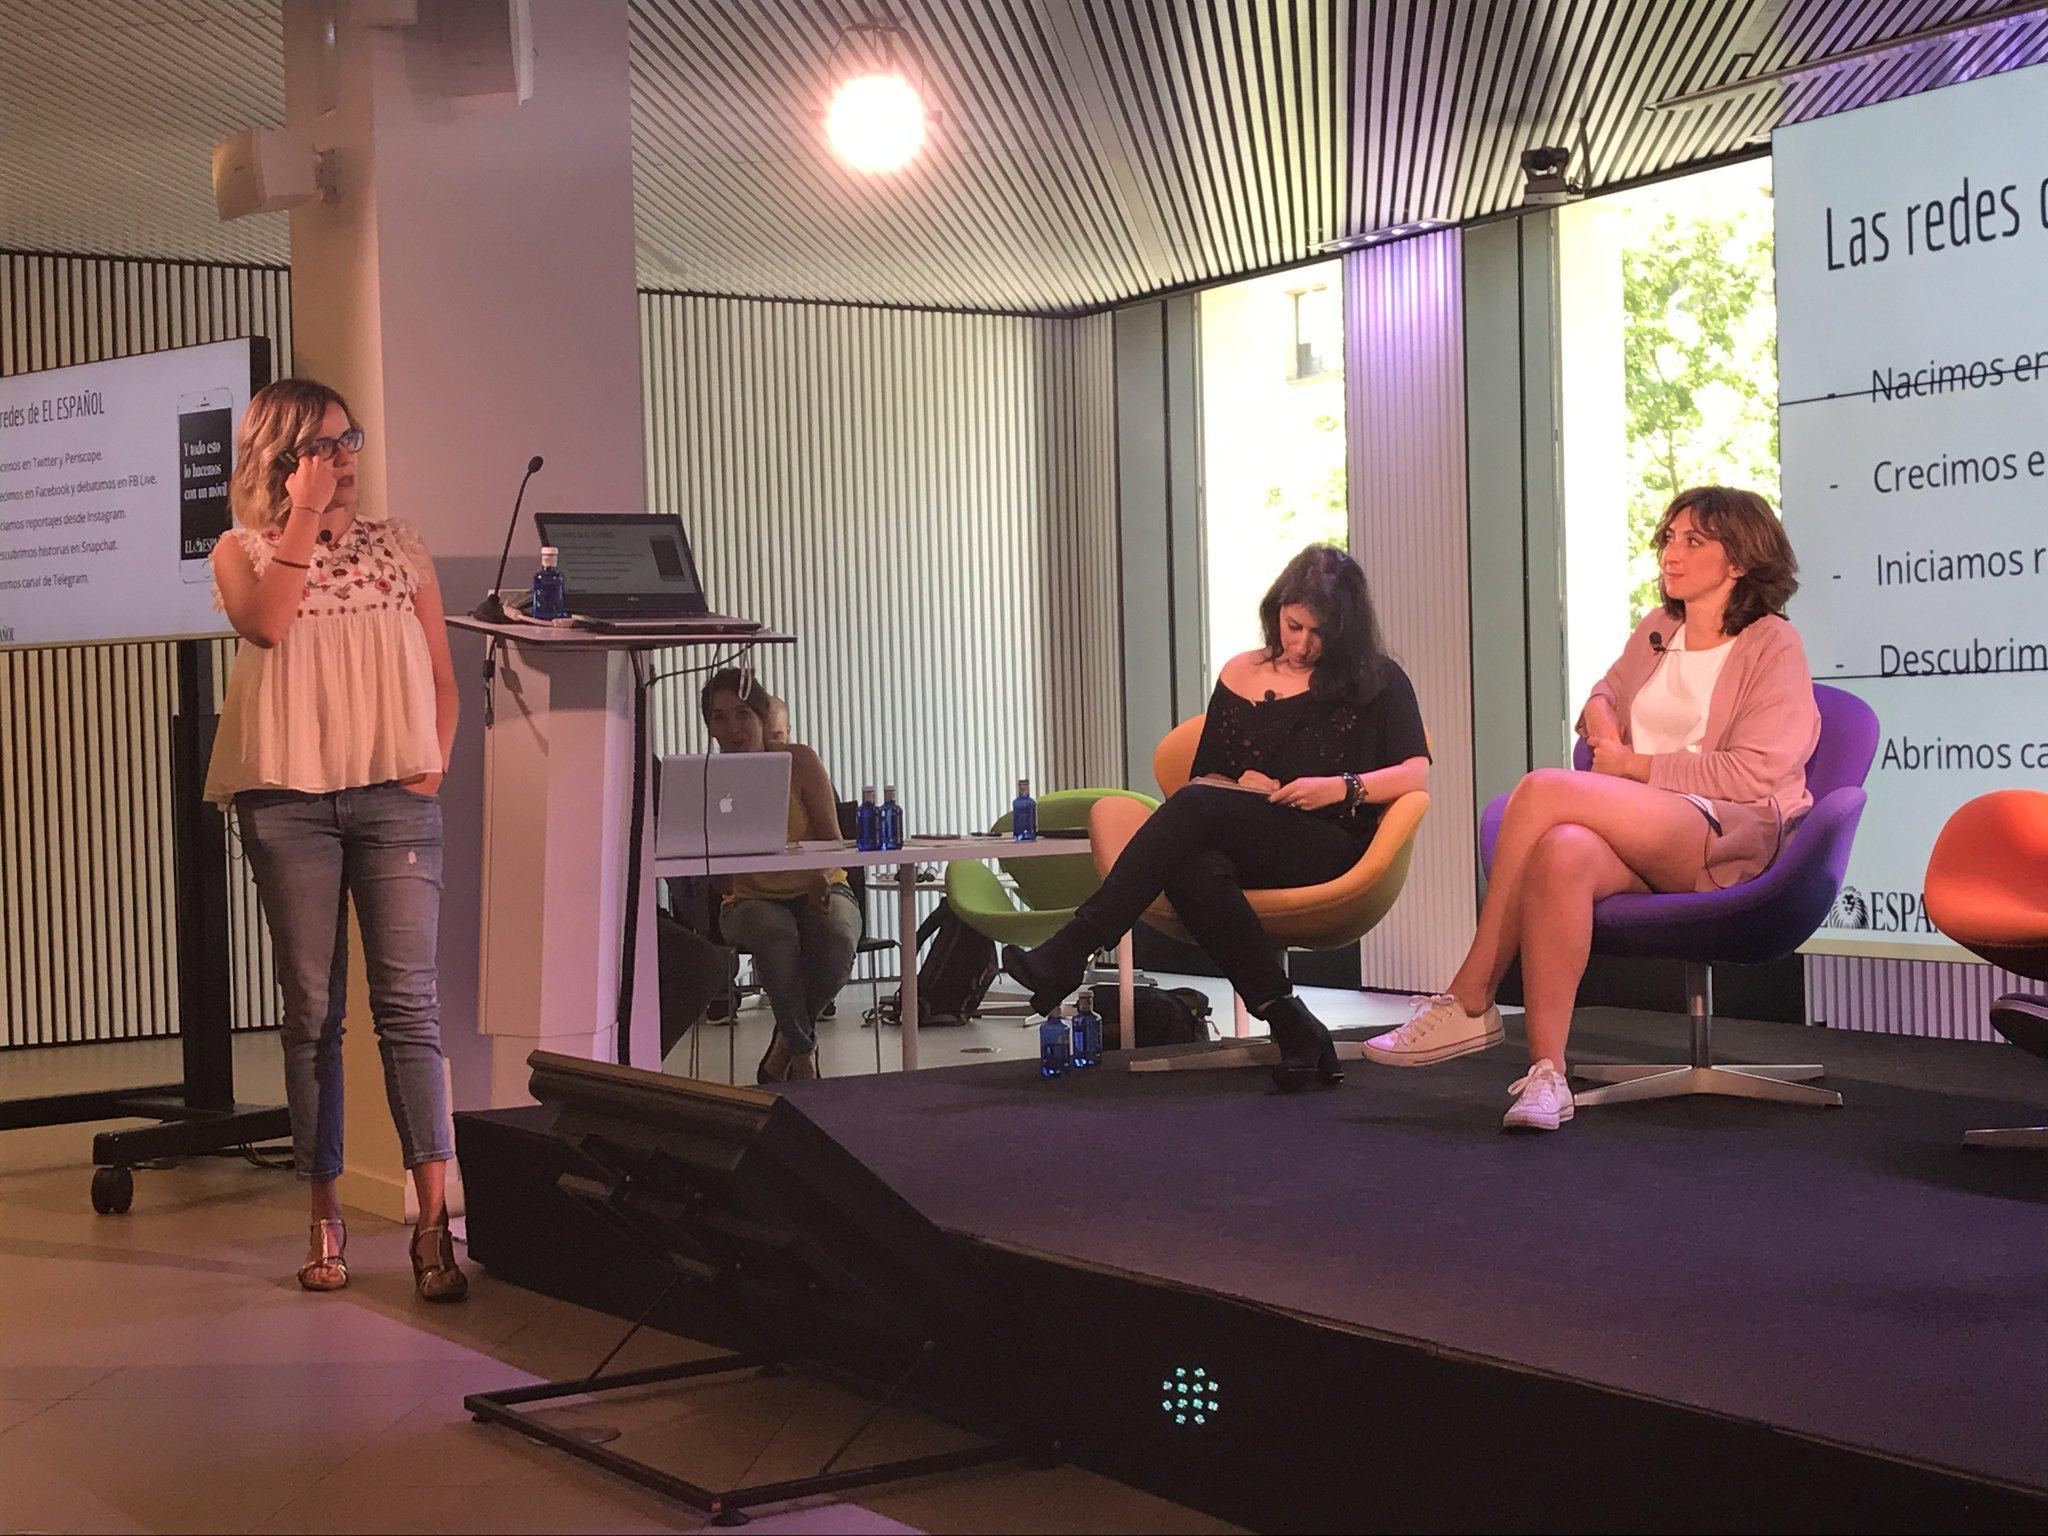 Seguimos en #MoJoBCN hablando de periodismo móvil y redes sociales. @patrimoralesq nos cuenta como usan las redes en @elespanolcom. https://t.co/sH01CV1saM